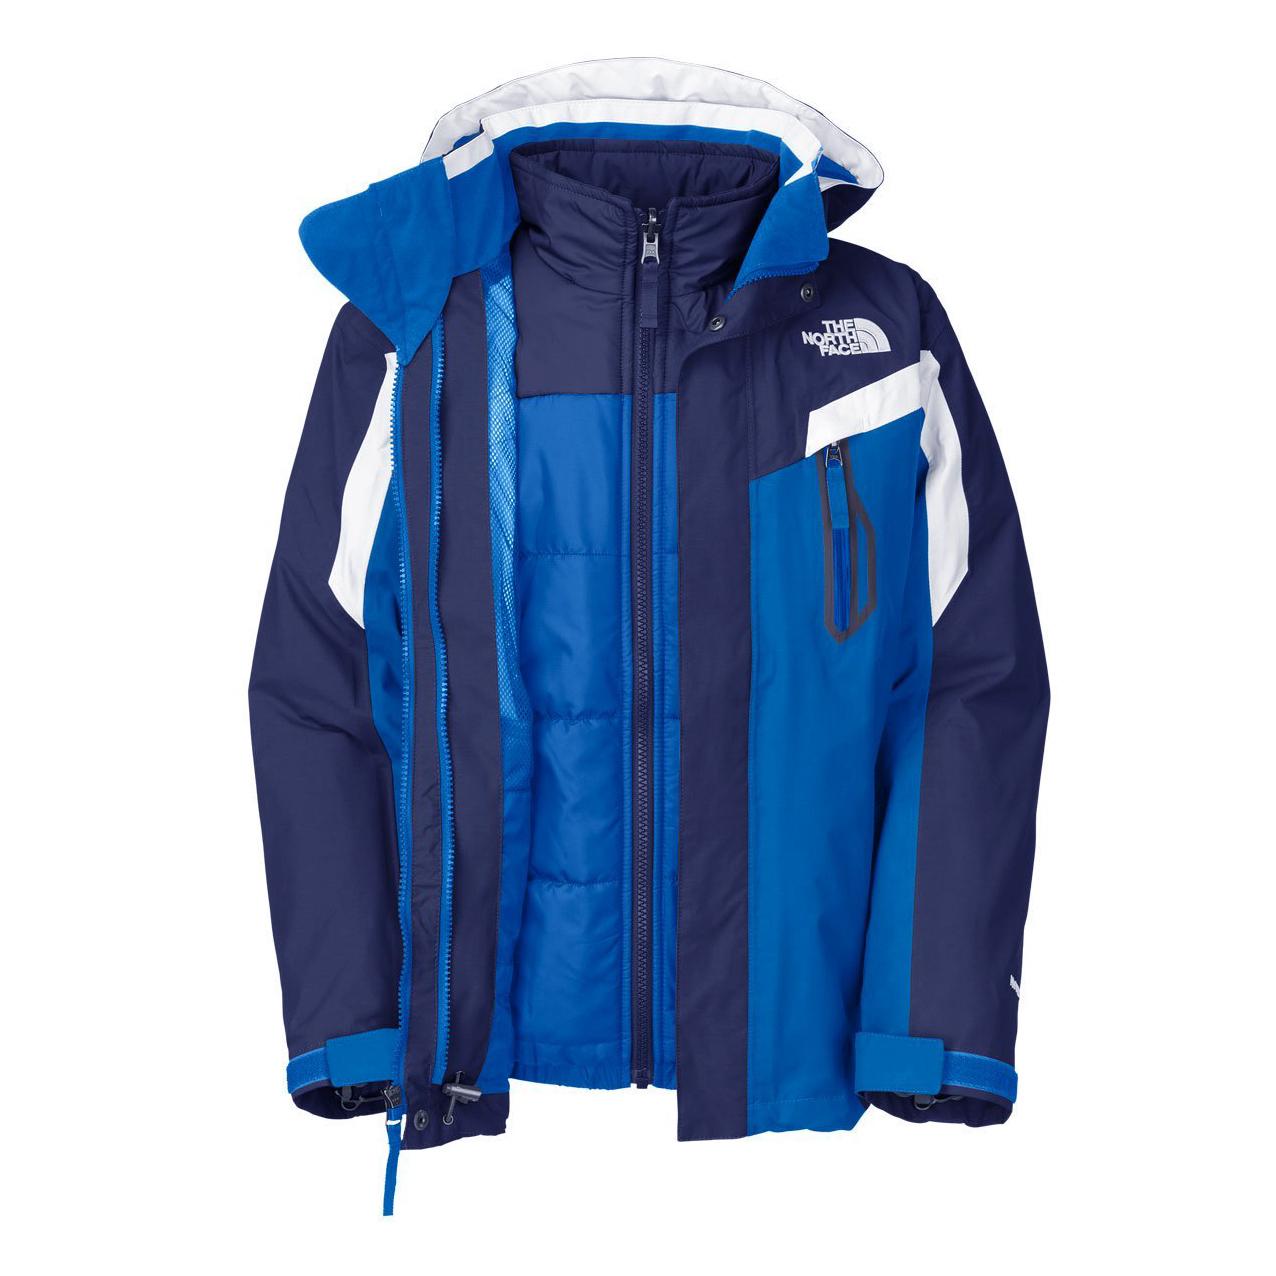 美國百分百【The North Face】防風 連帽 外套 TNF 保暖 防水 防寒 兩件式 北臉 藍色 S號 F830